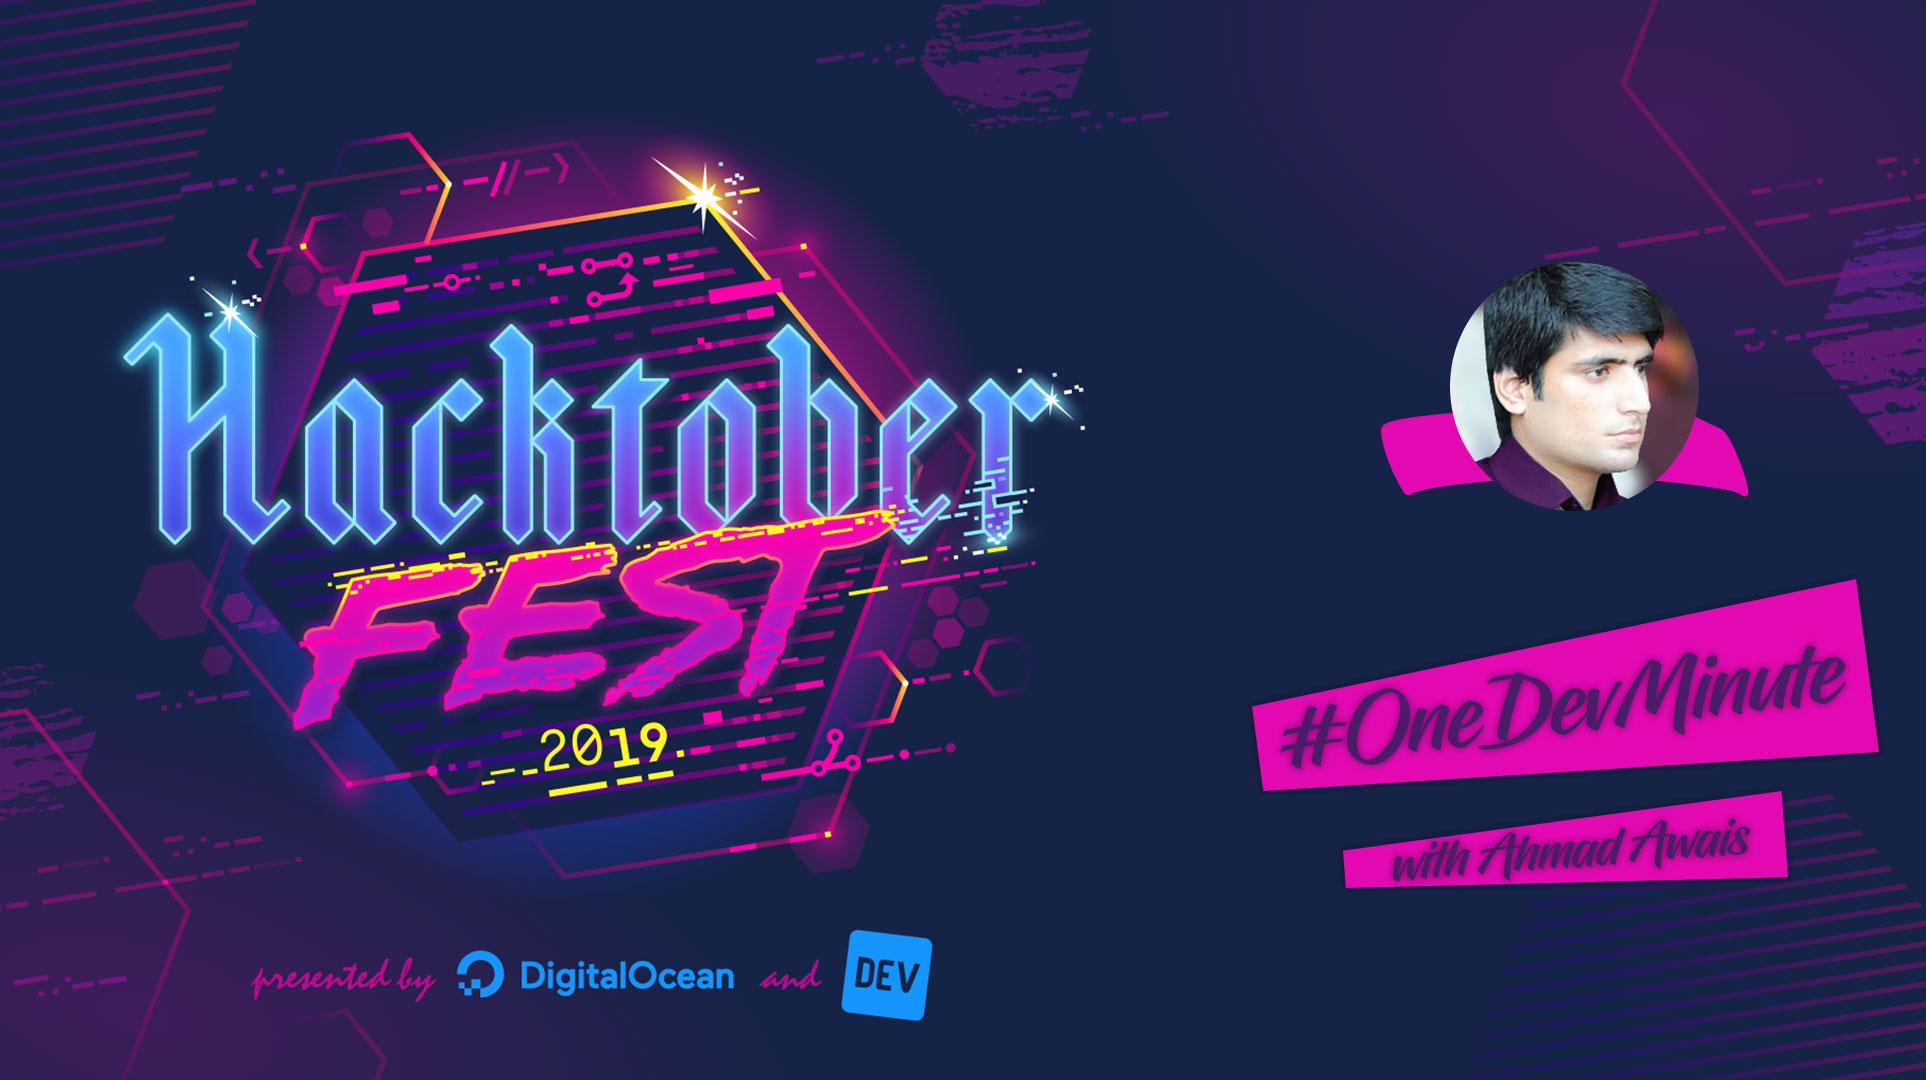 Hacktoberfest 2019 #OneDevMinute Ahmad Awais